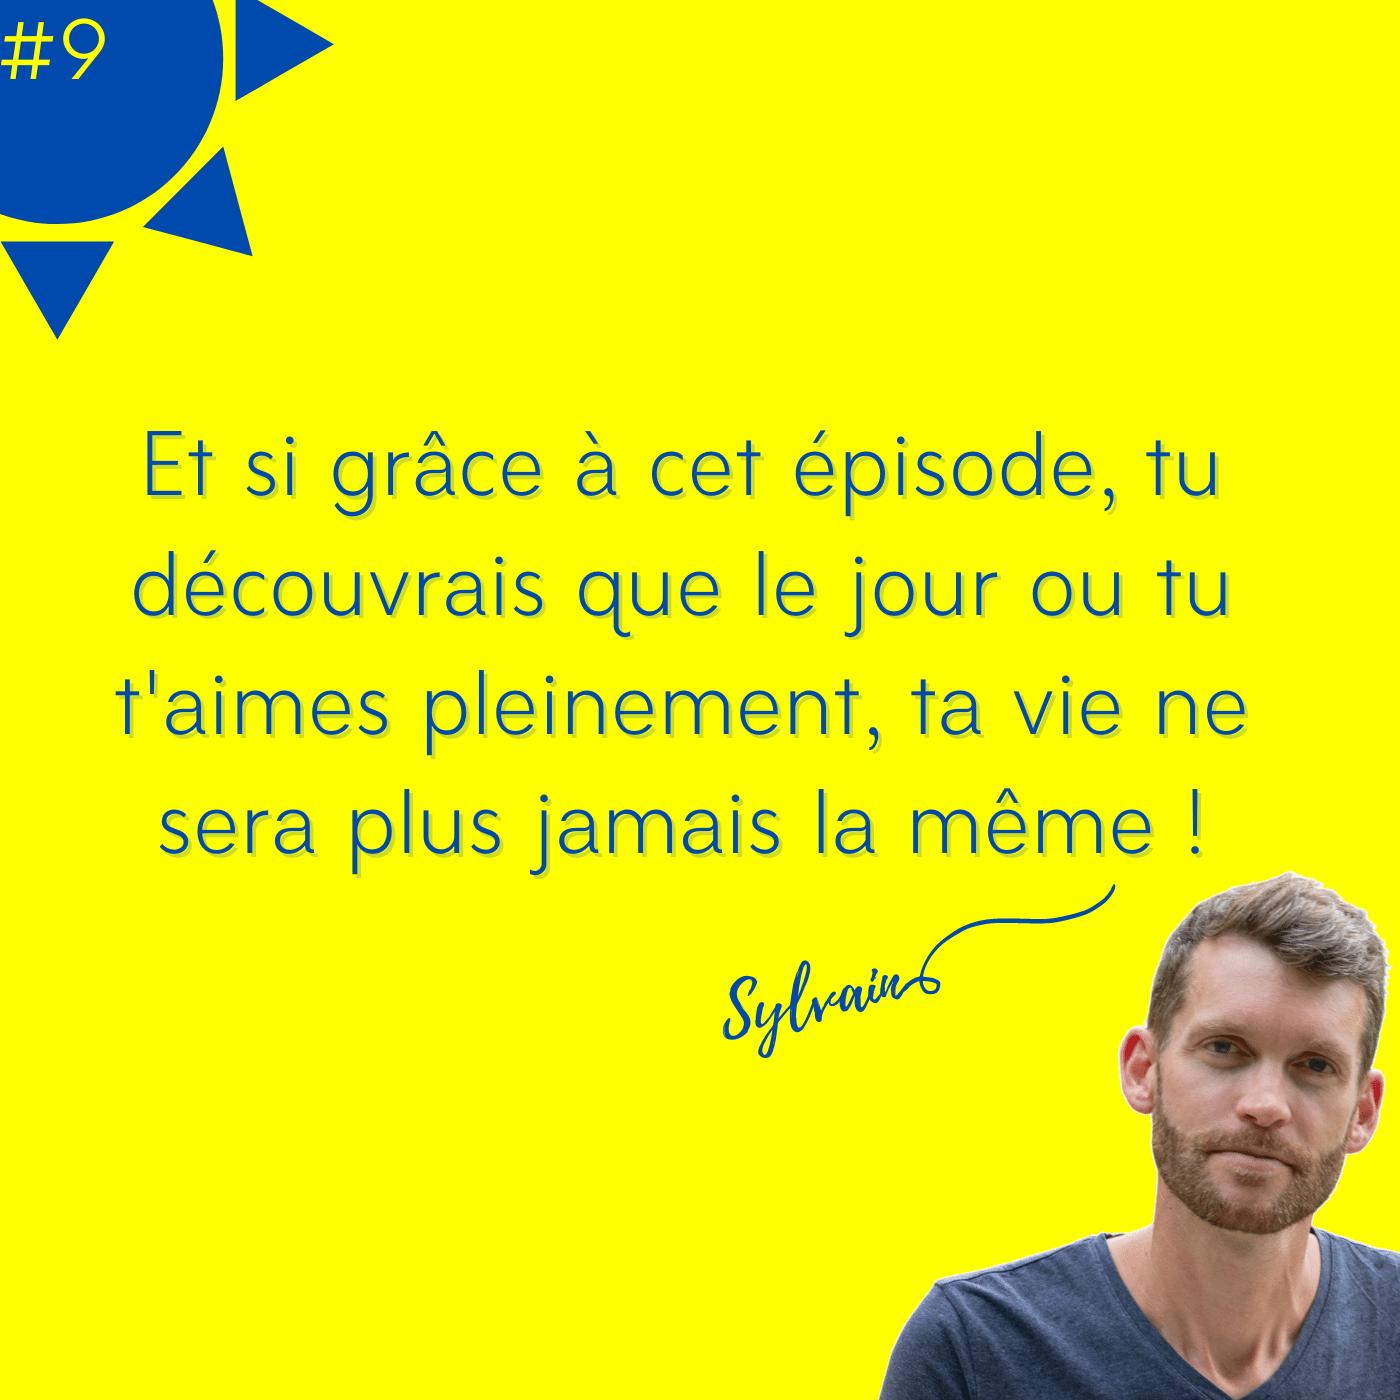 episode S1E91